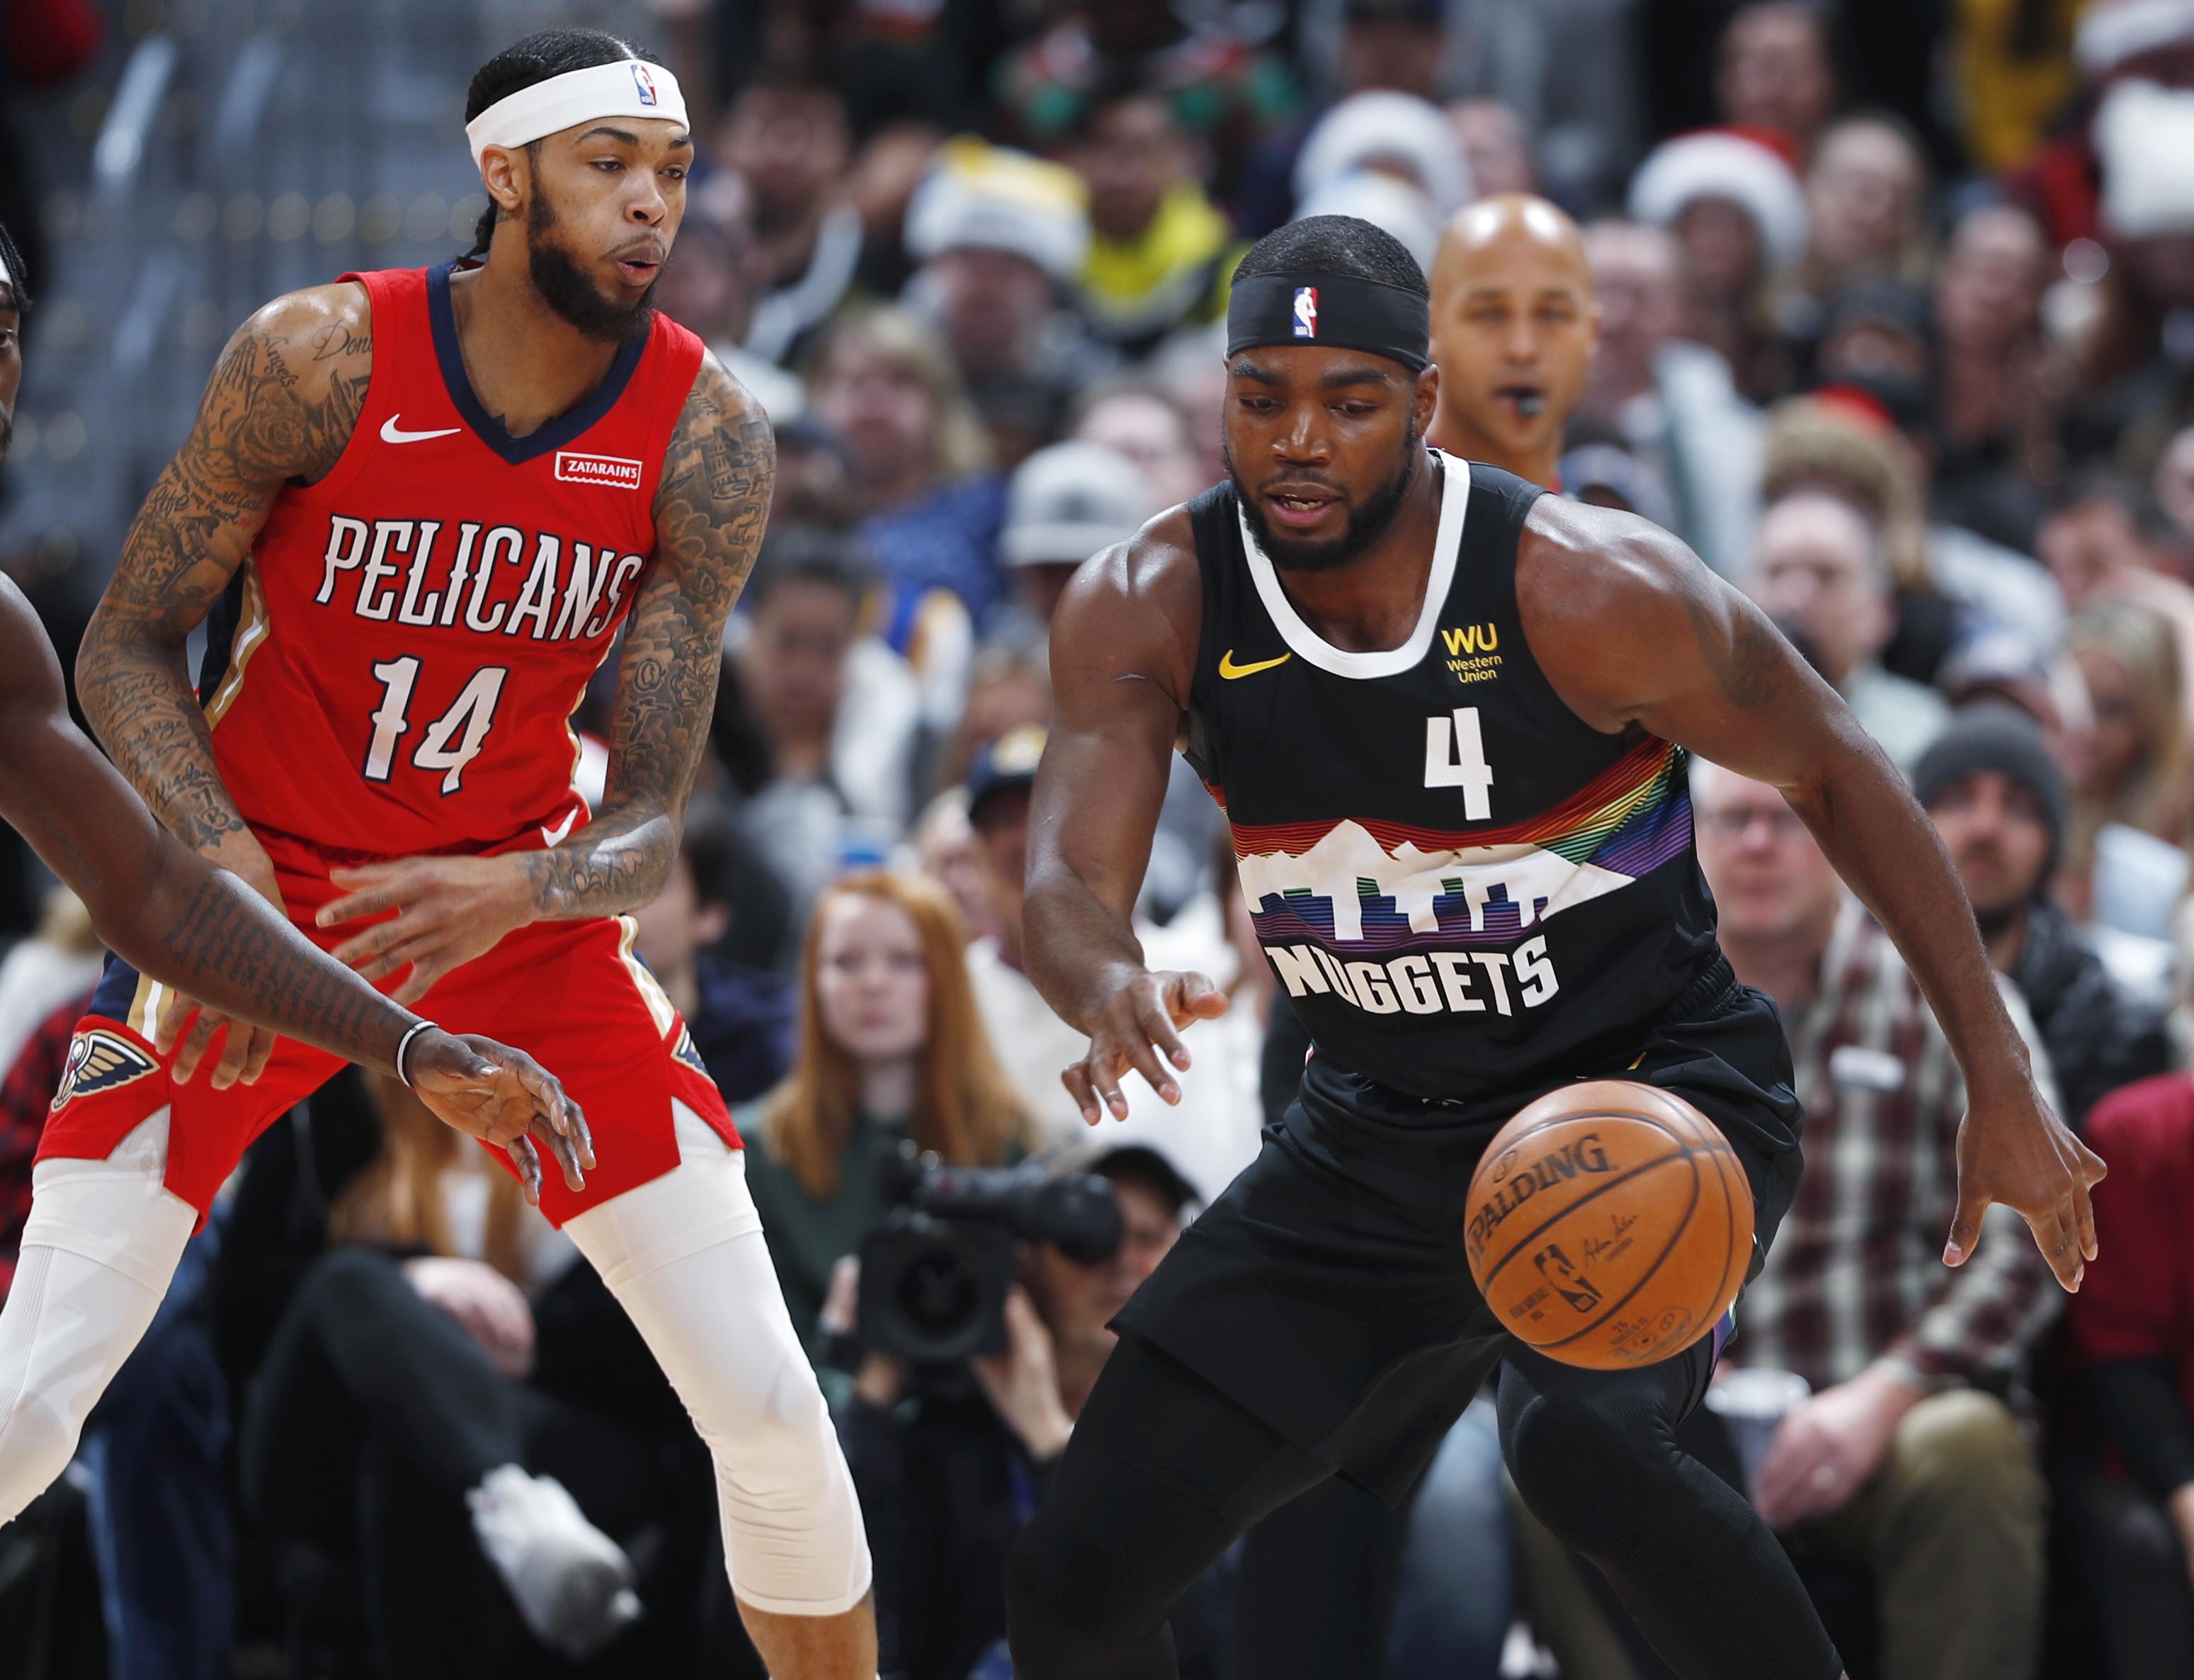 Ingram scores 31 as Pelicans surprise Nuggets 112-100